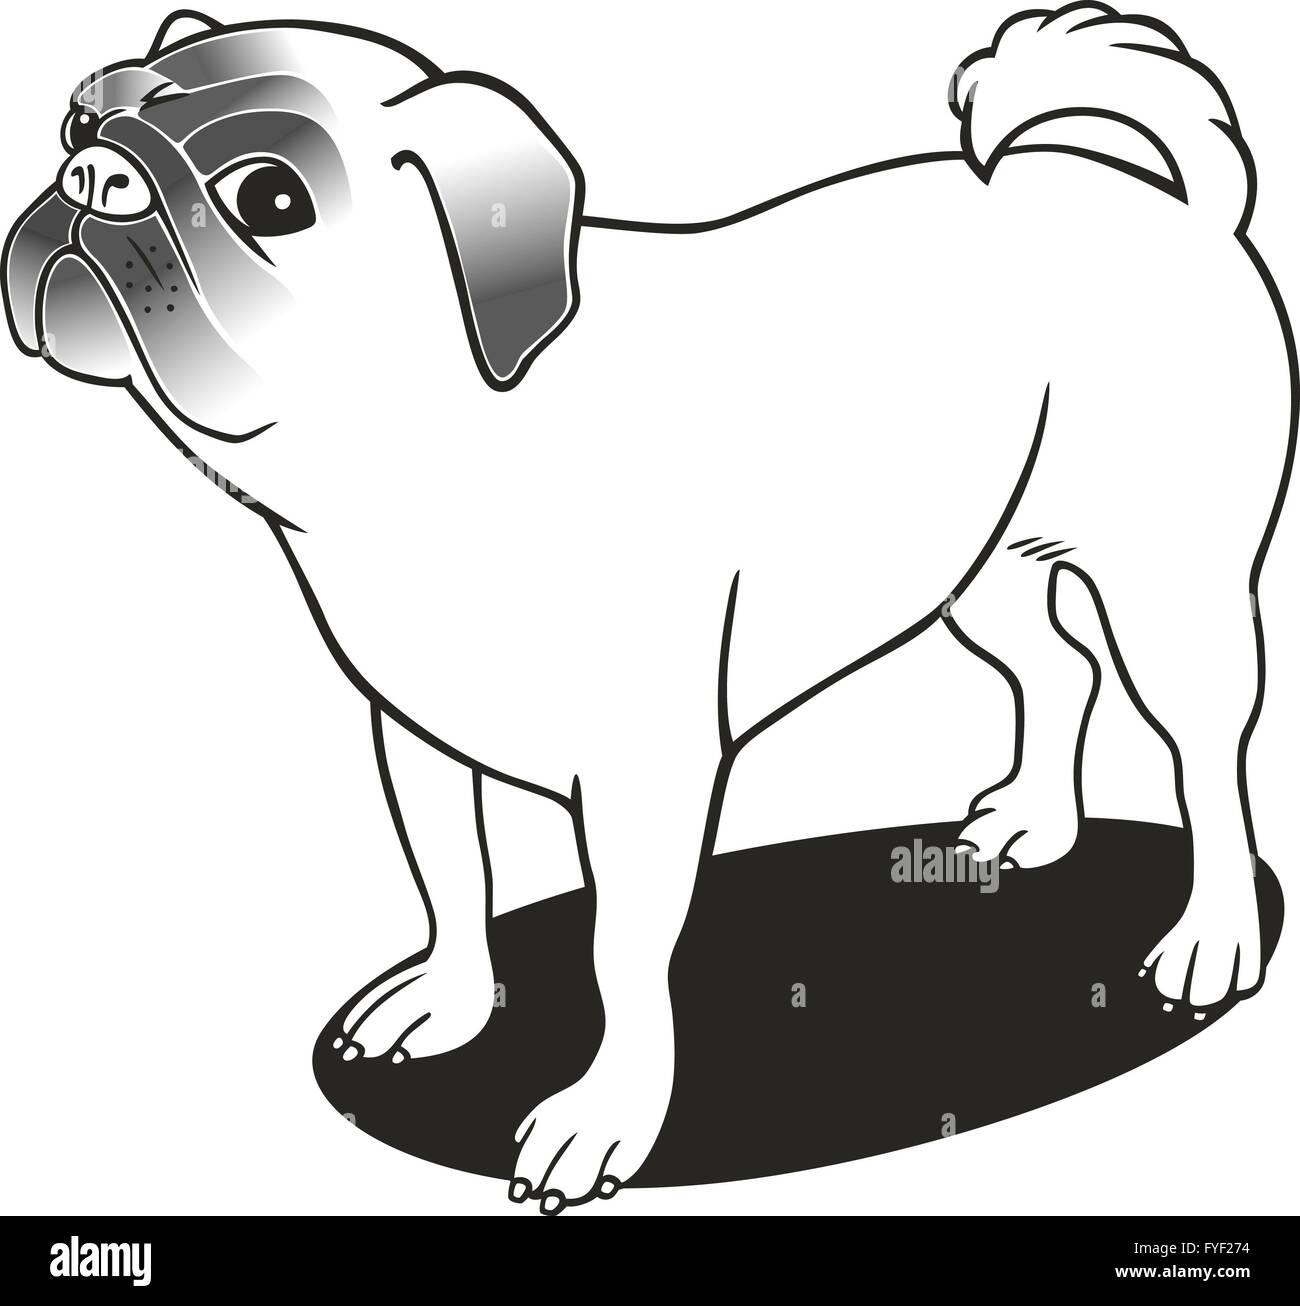 Excelente Lindo Pug Para Colorear Imagen - Enmarcado Para Colorear ...